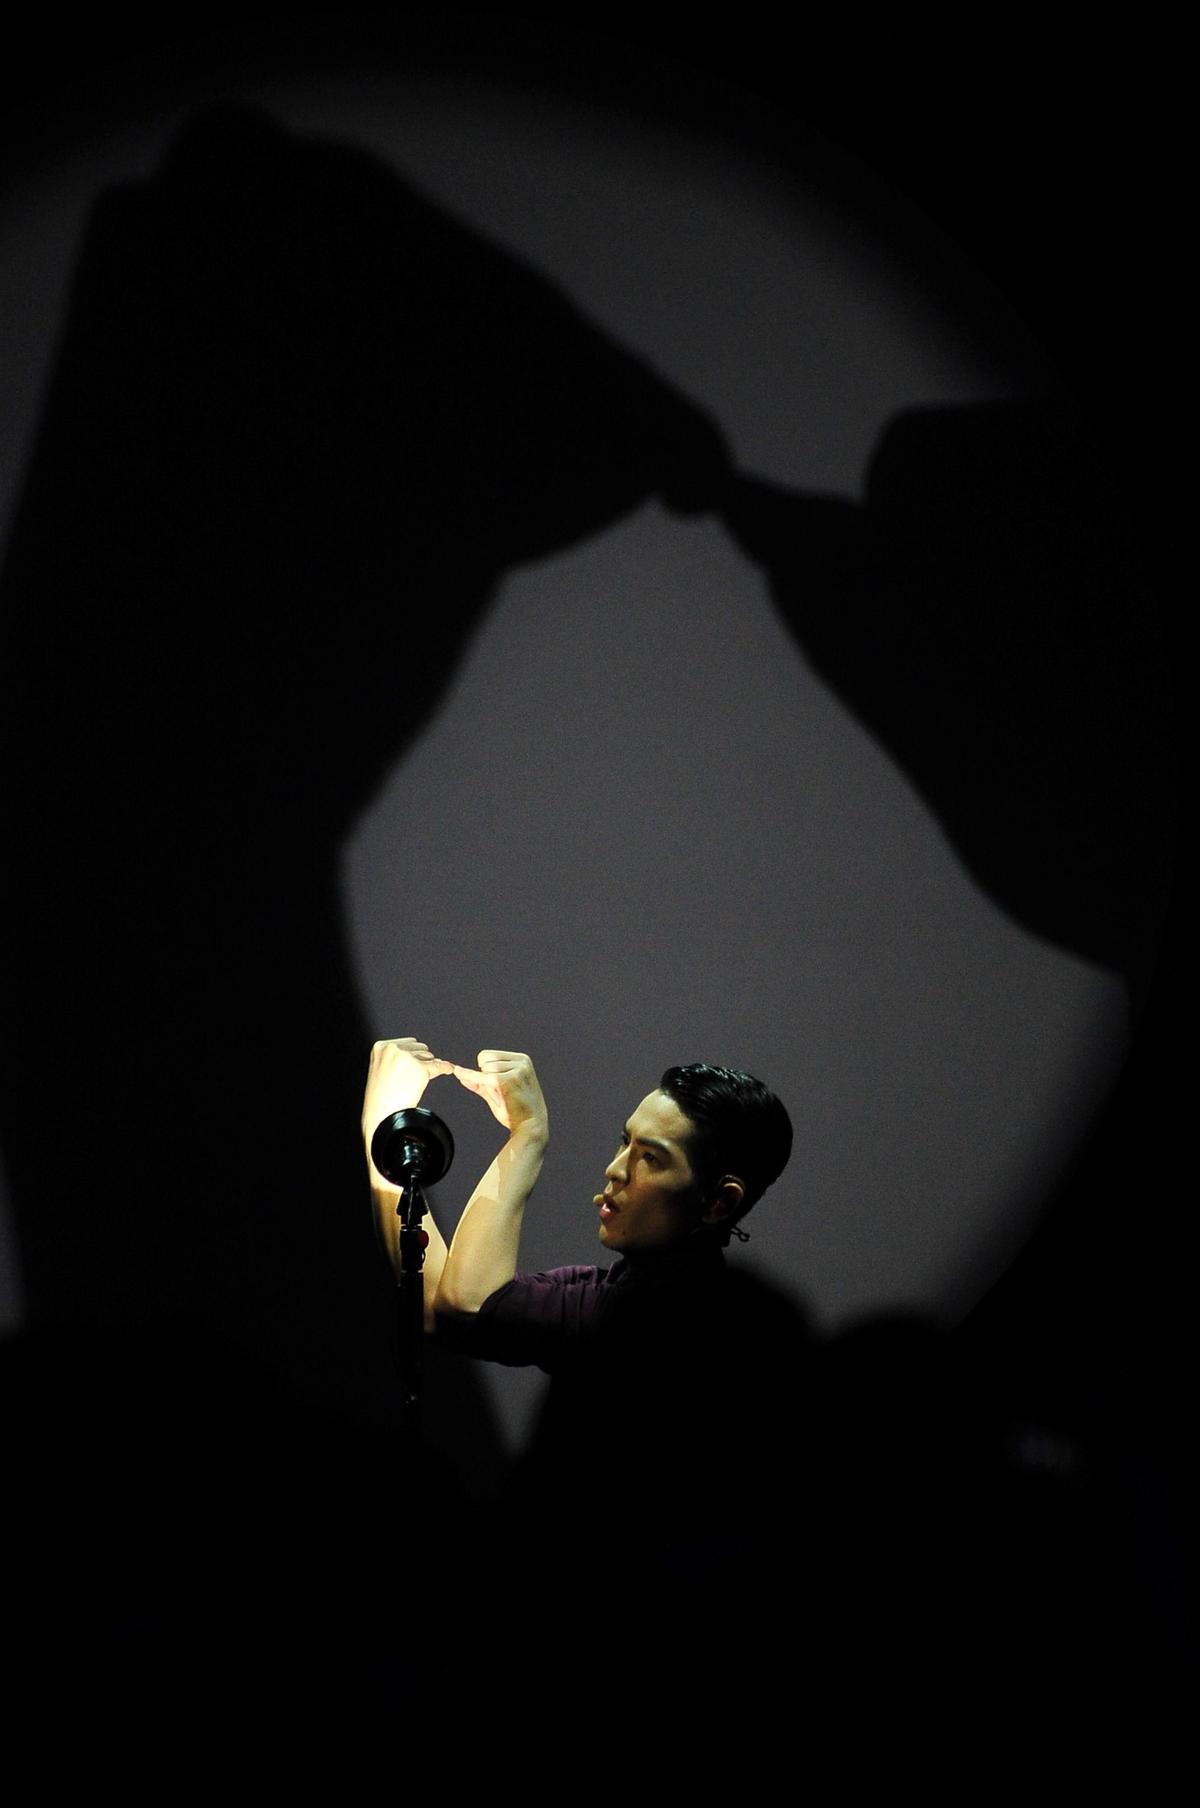 蕭敬騰主持金曲獎時秀出手影戲碼,非常驚豔。(台視提供)